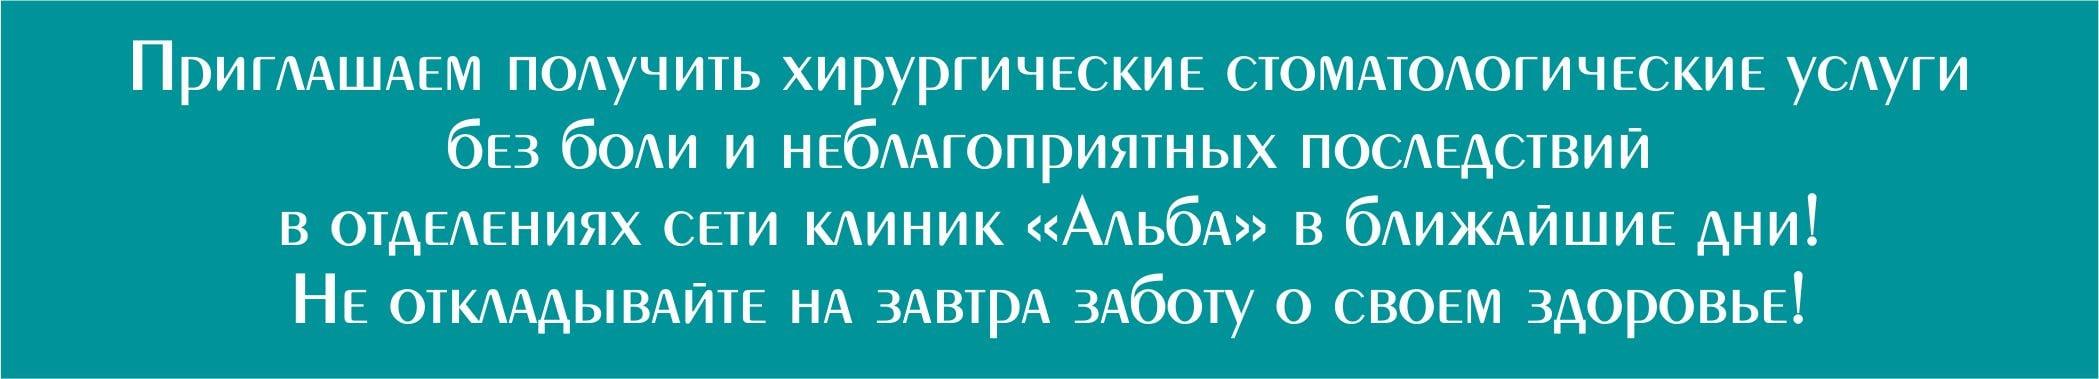 Хирургическая стоматология_03